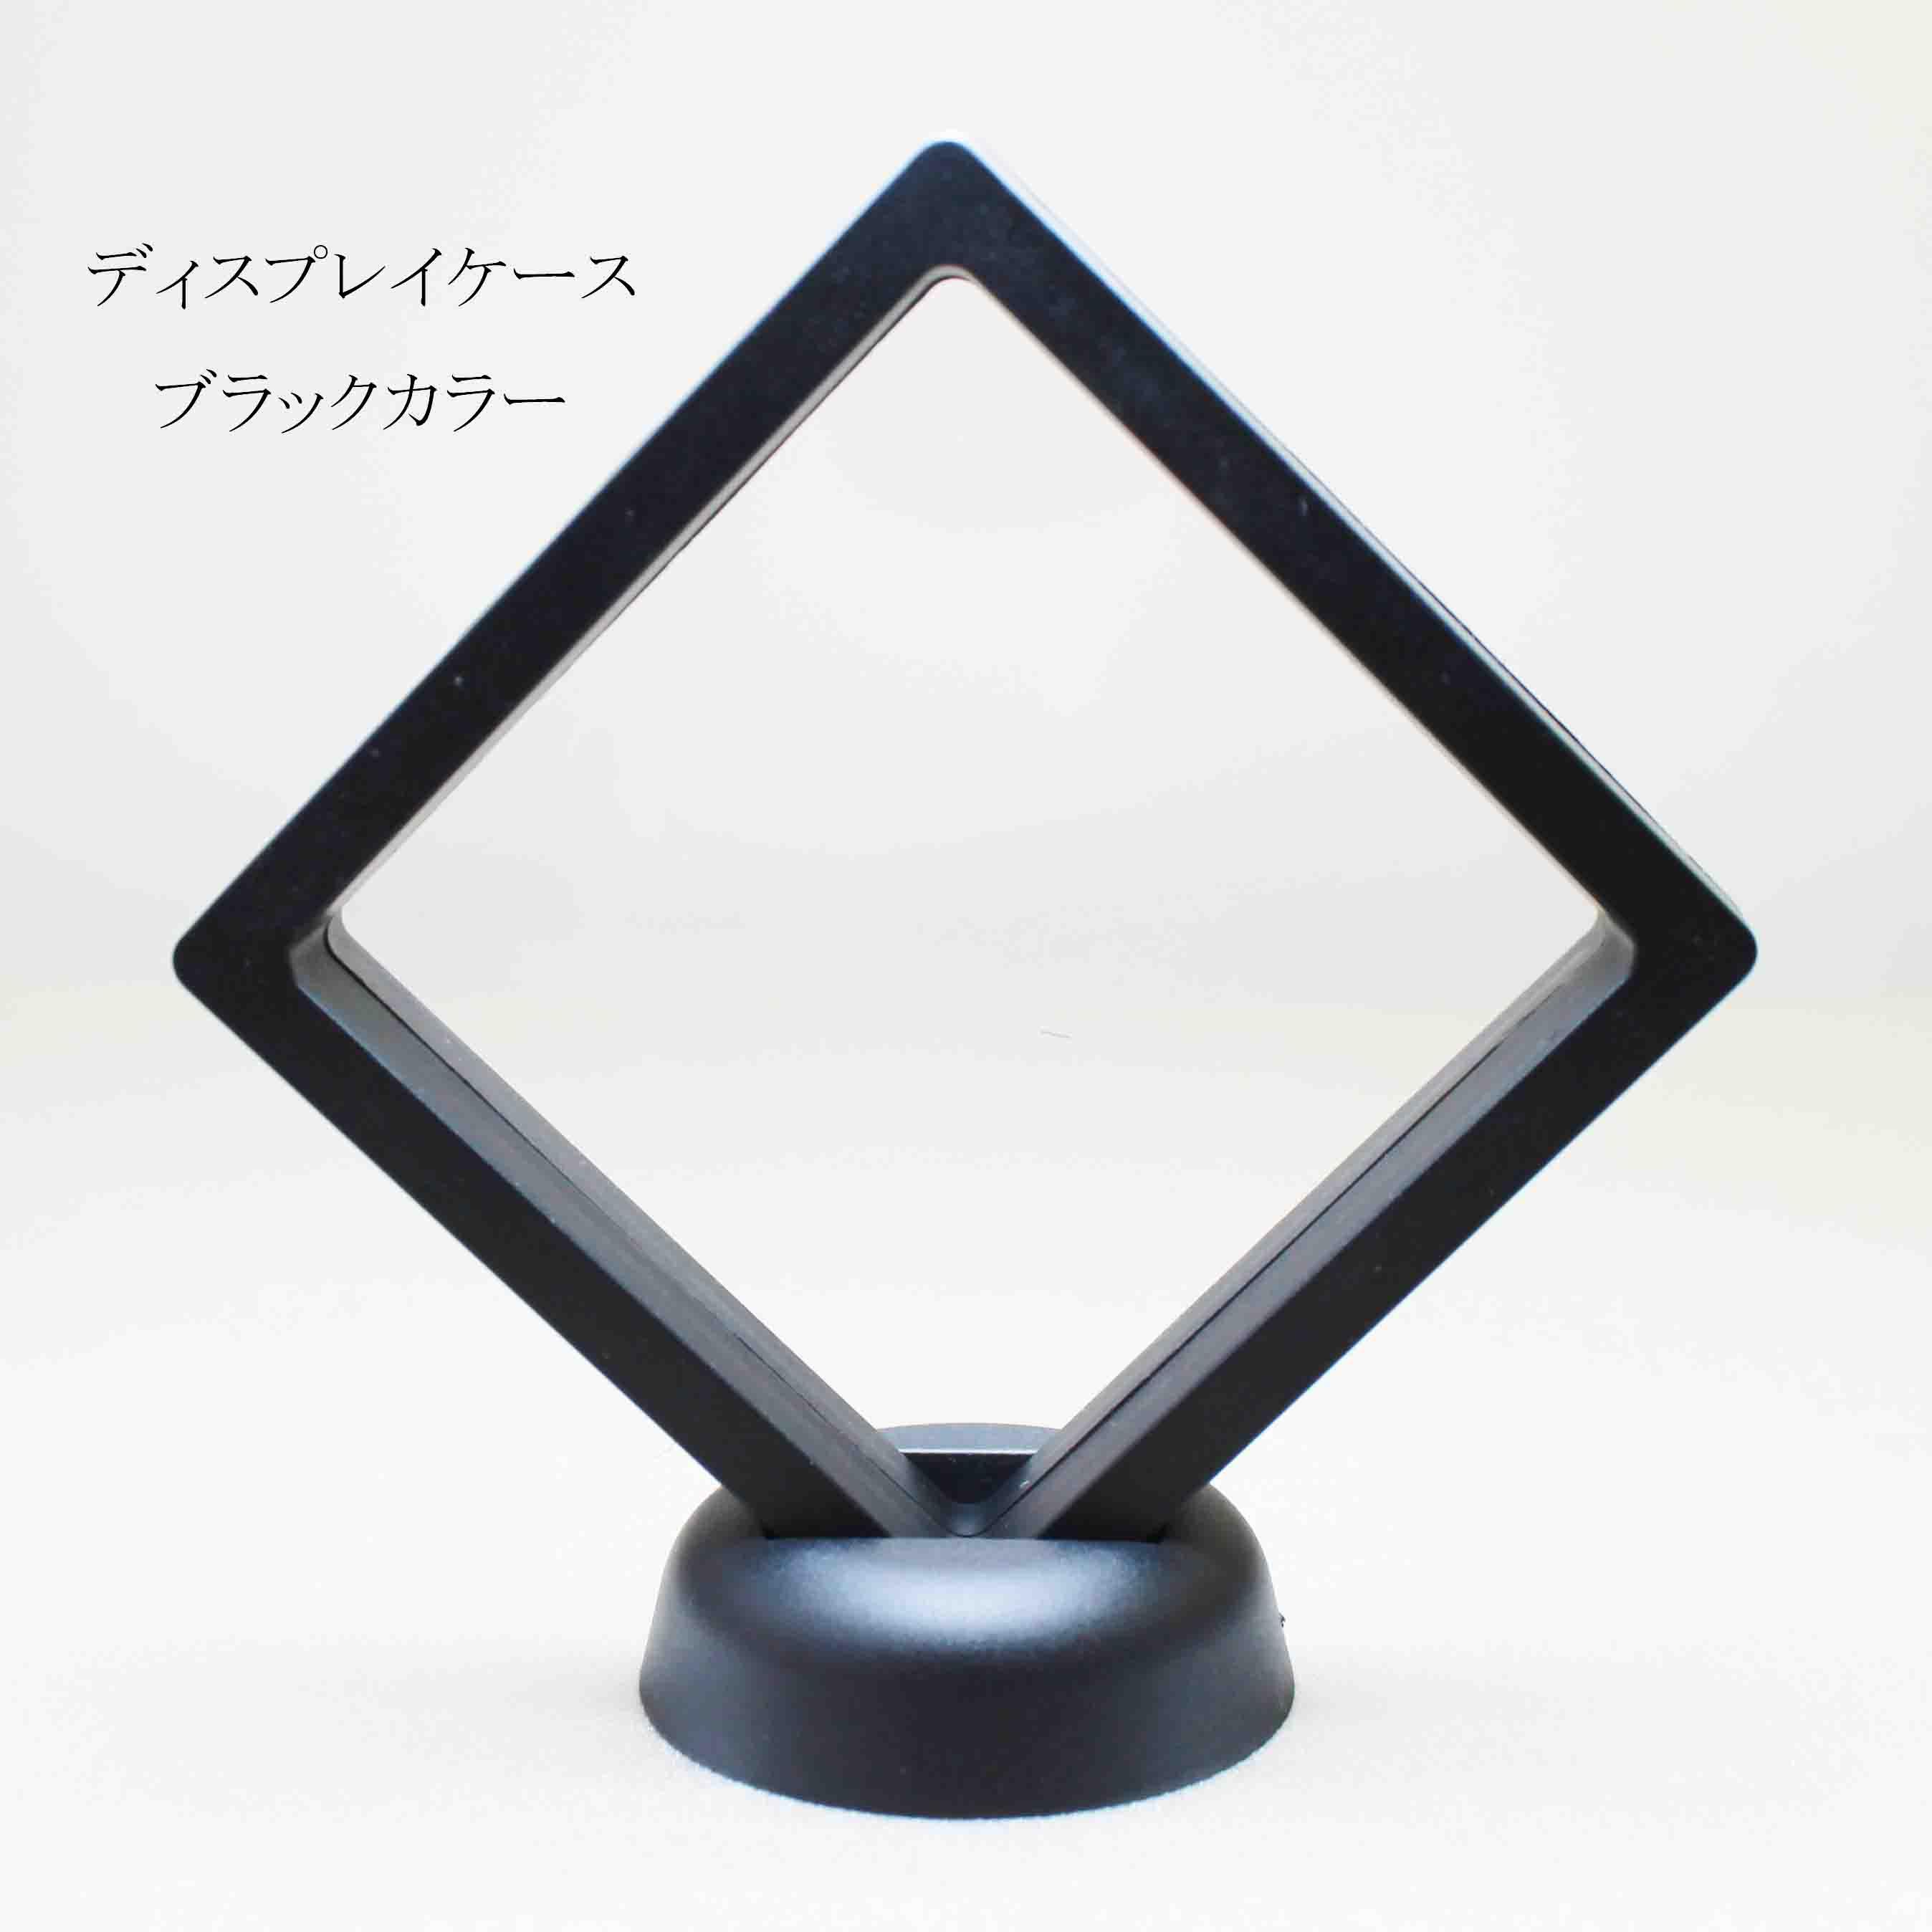 ディスプレイ ケース ブラックカラー 90×90mm 1個 品番: 9583 [9583]